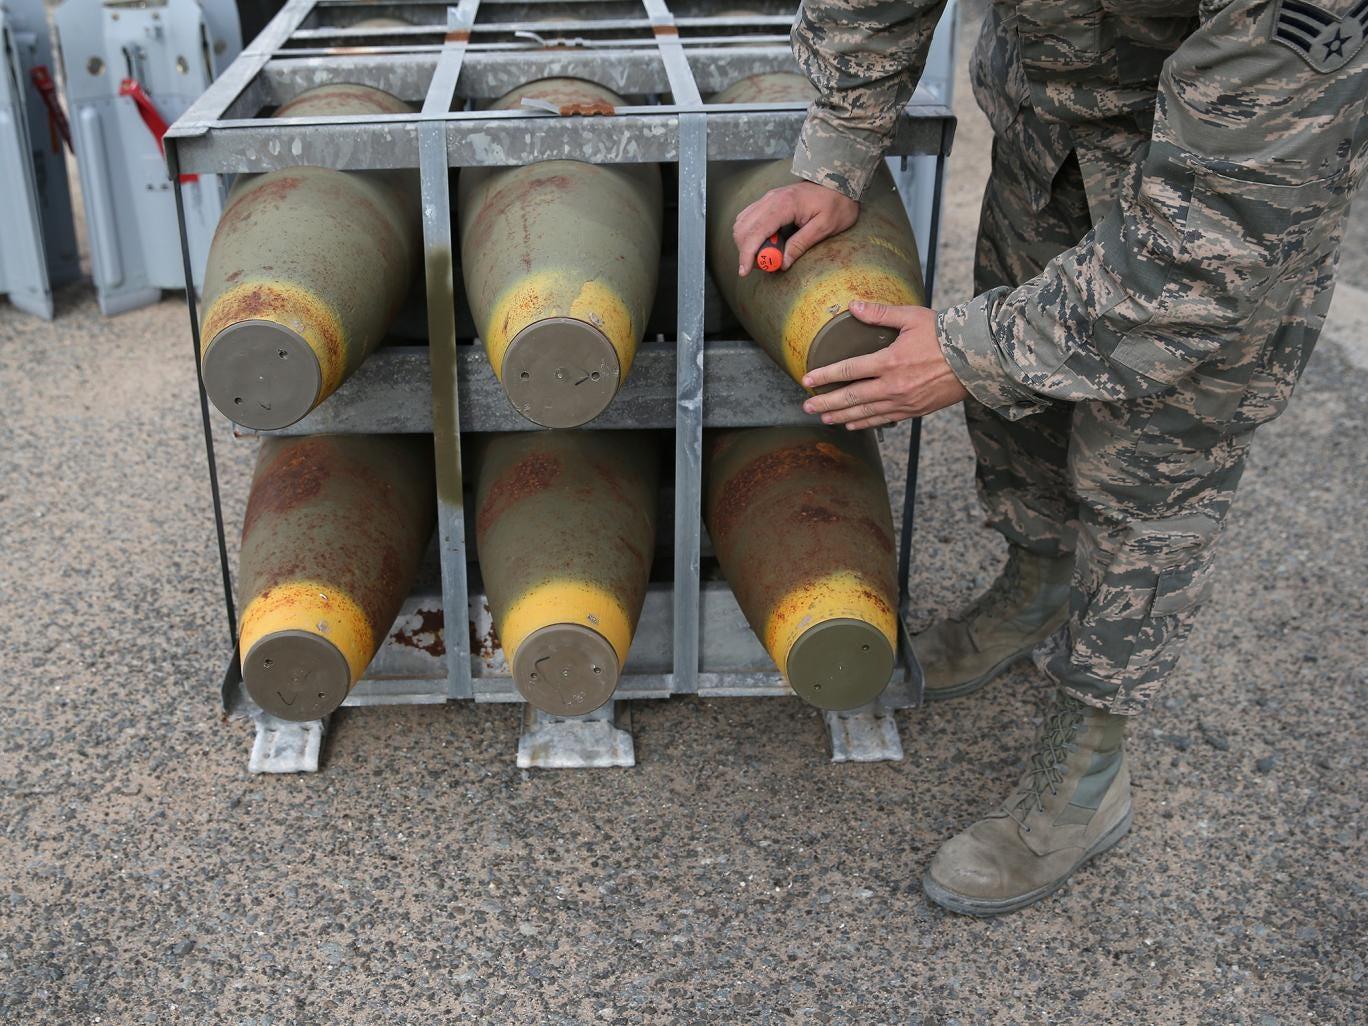 us-air-strike-isis-afp.jpg